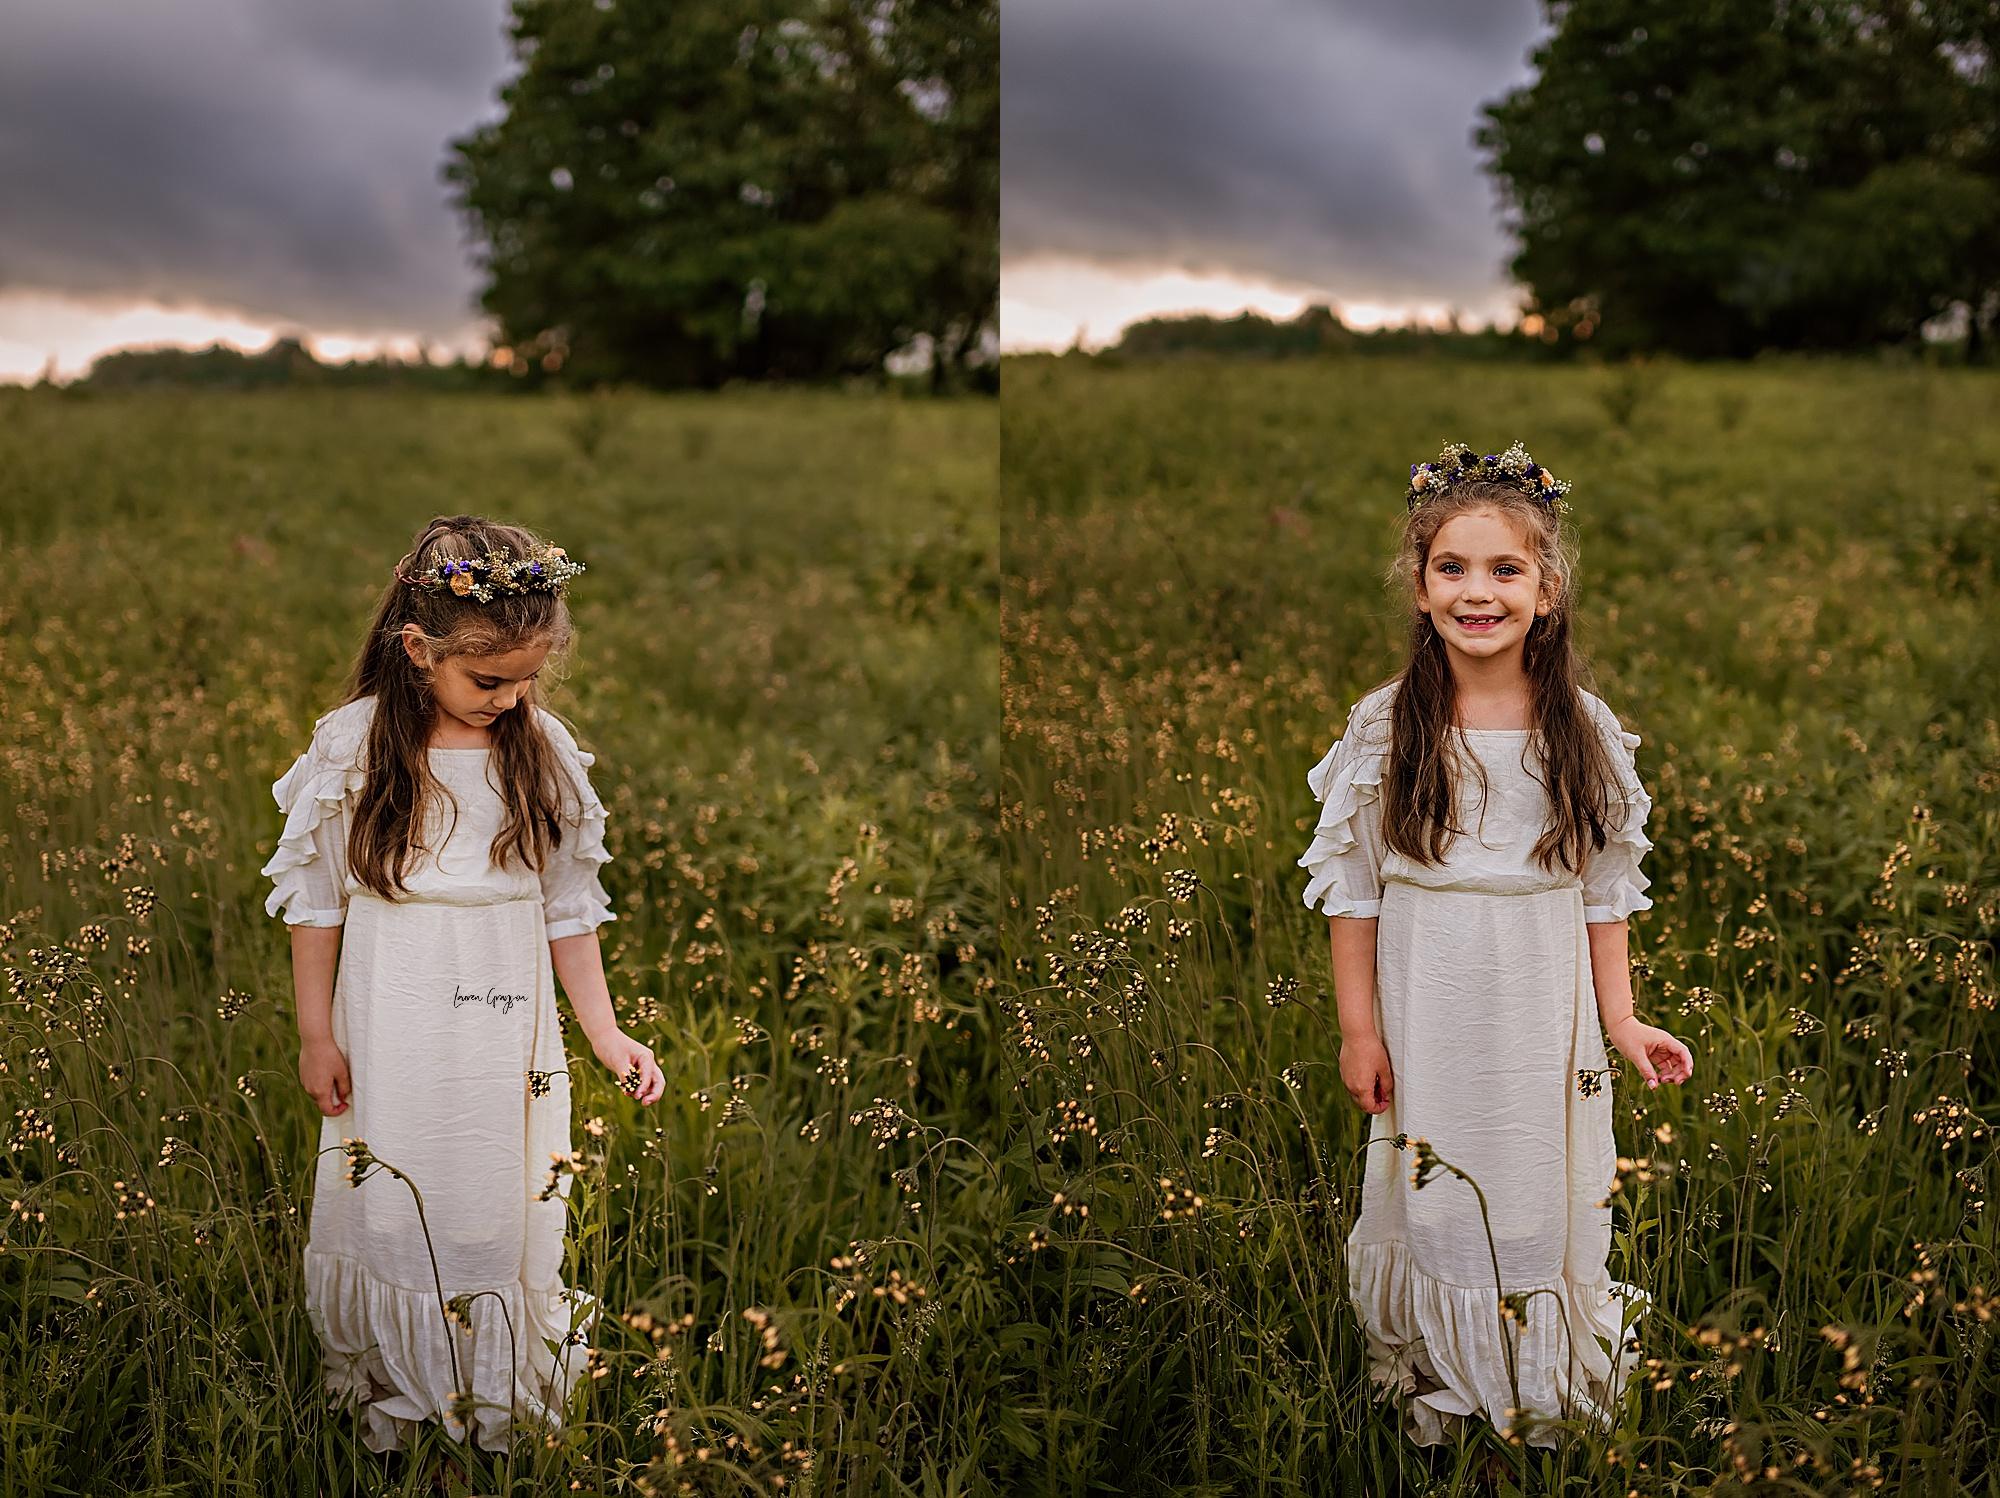 lauren-grayson-photography-akron-ridenour-family-summer-fields-sunset-session_0008.jpg